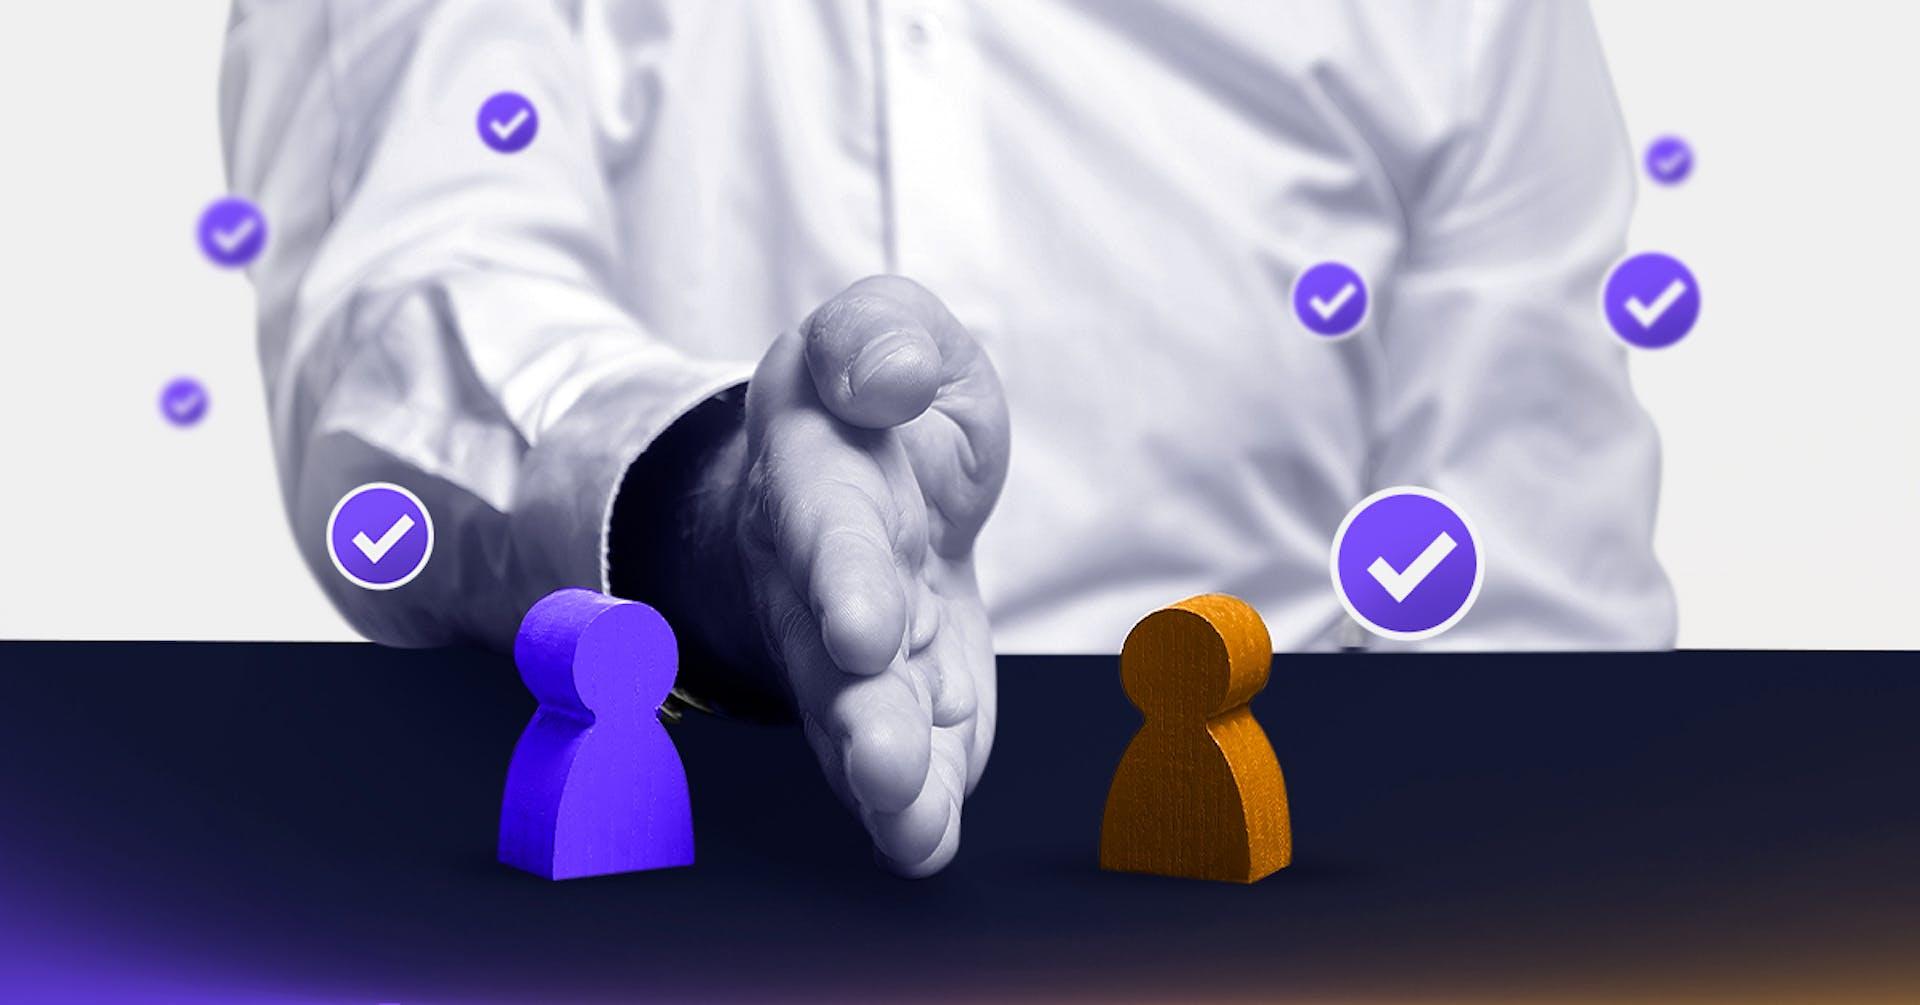 ¿Cómo un HR Manager puede resolver conflictos interpersonales en el trabajo?